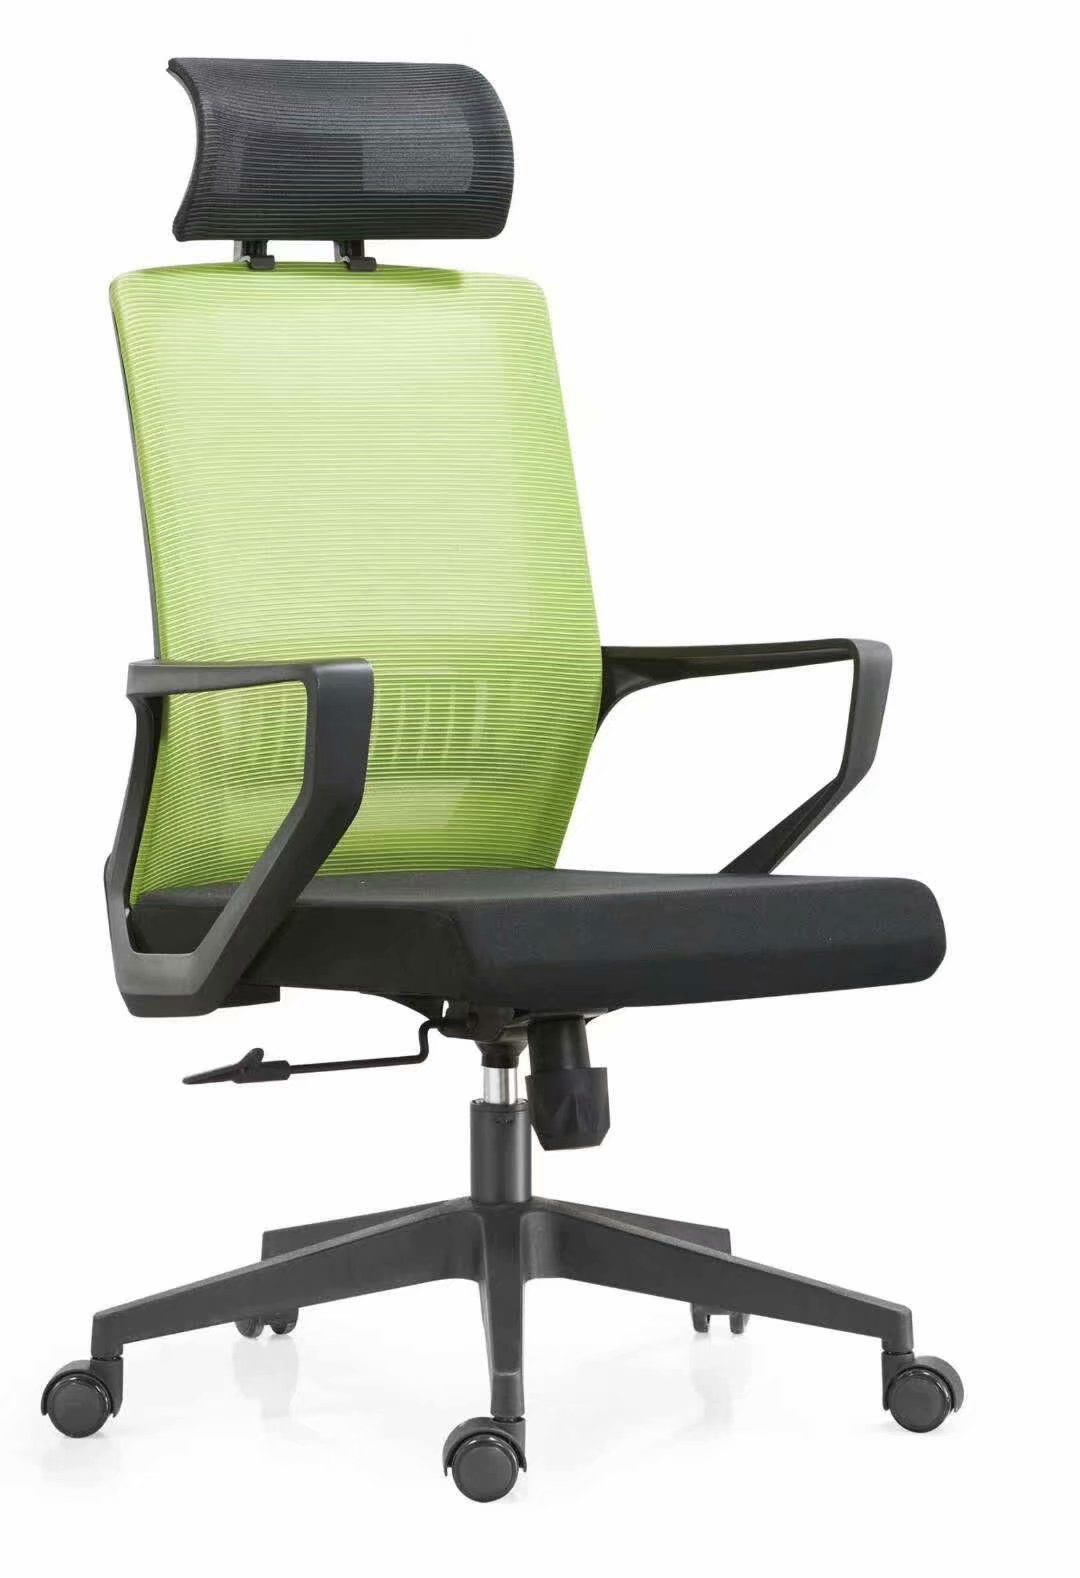 经理椅-14